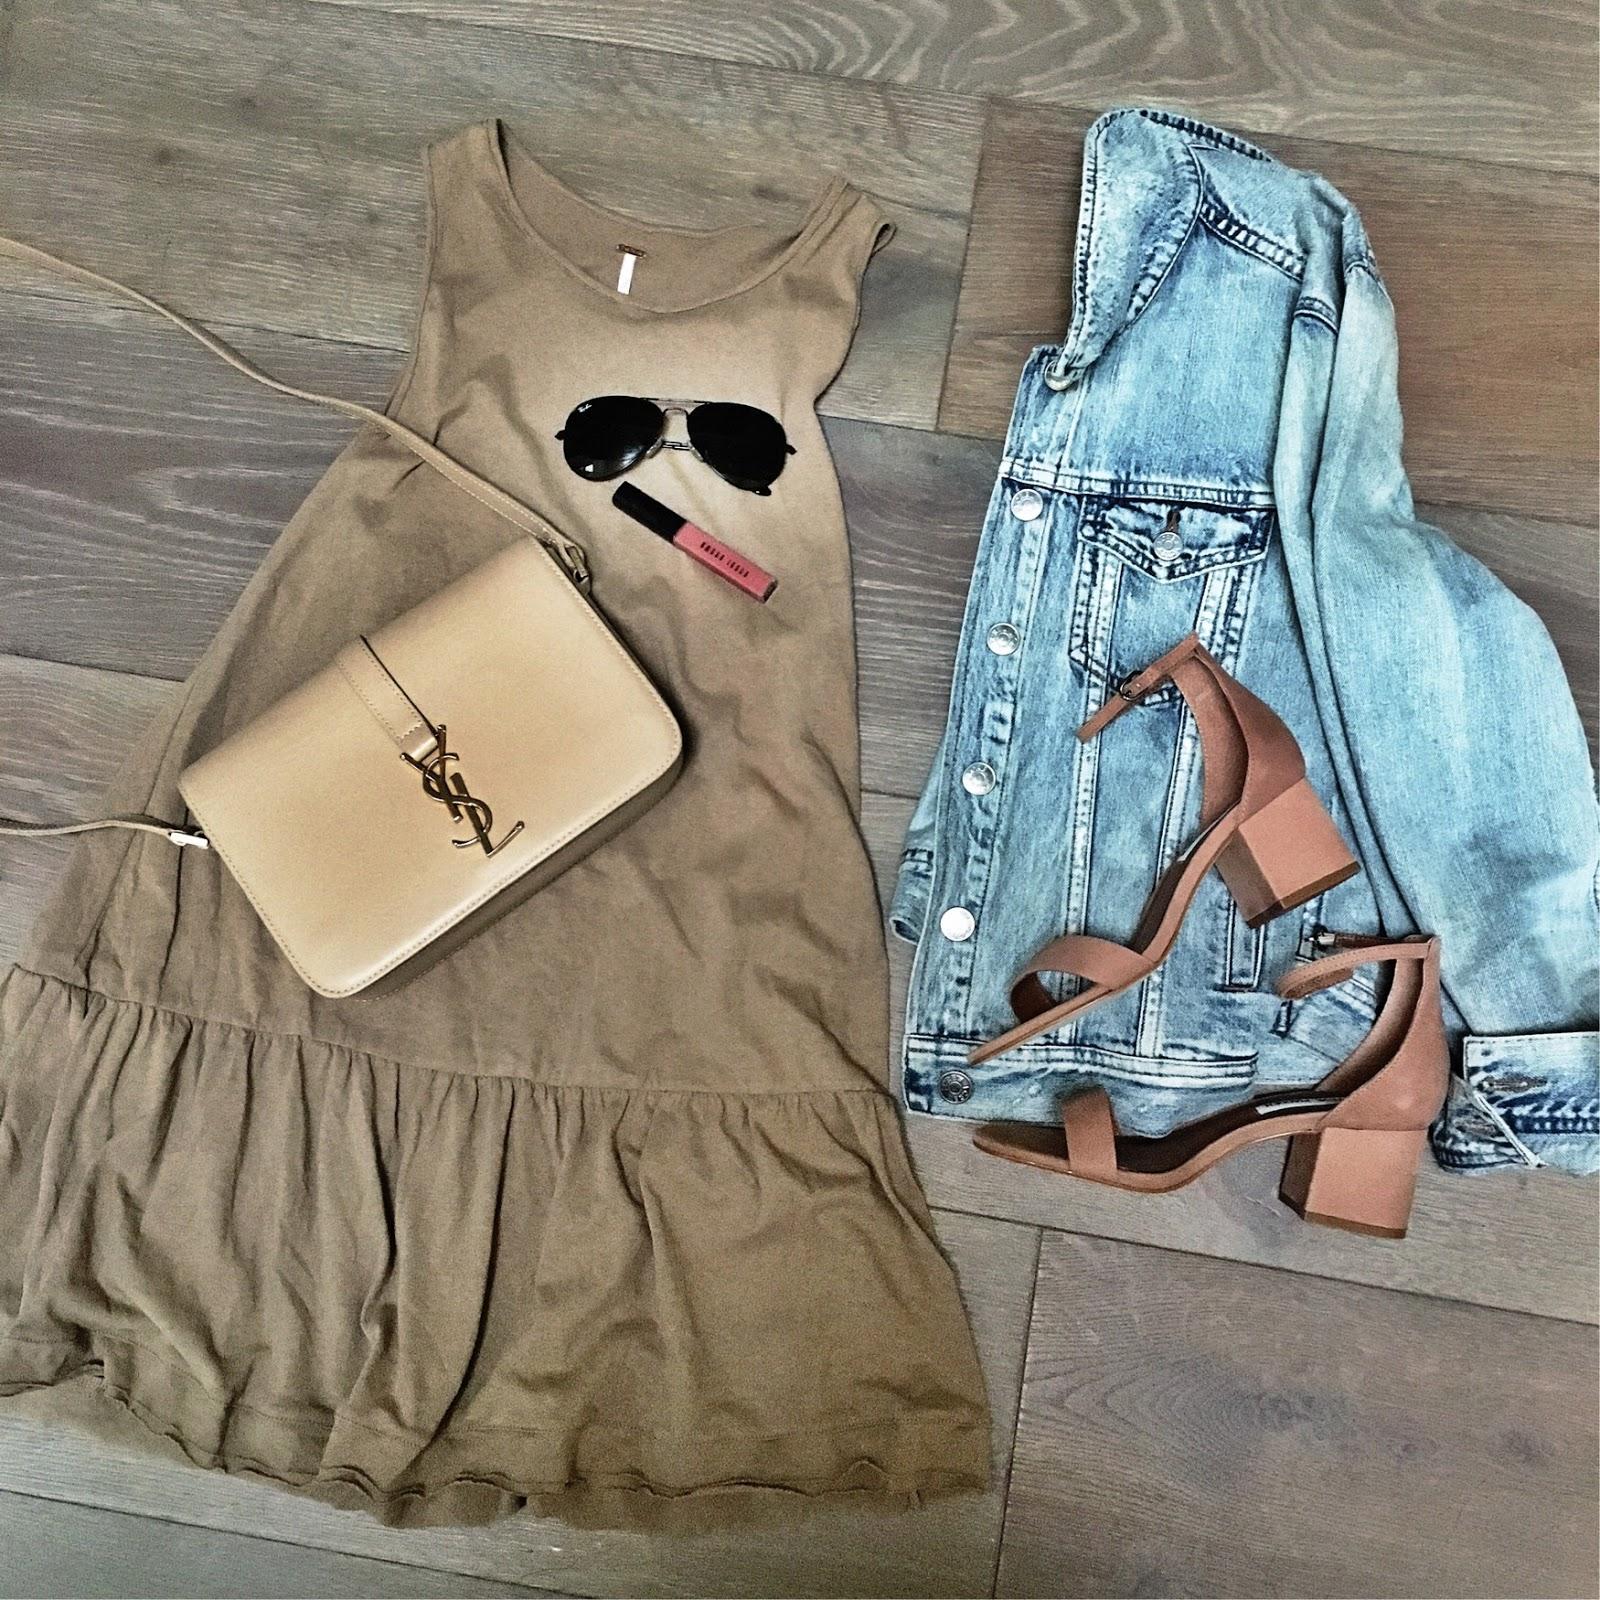 peplum dress outfit